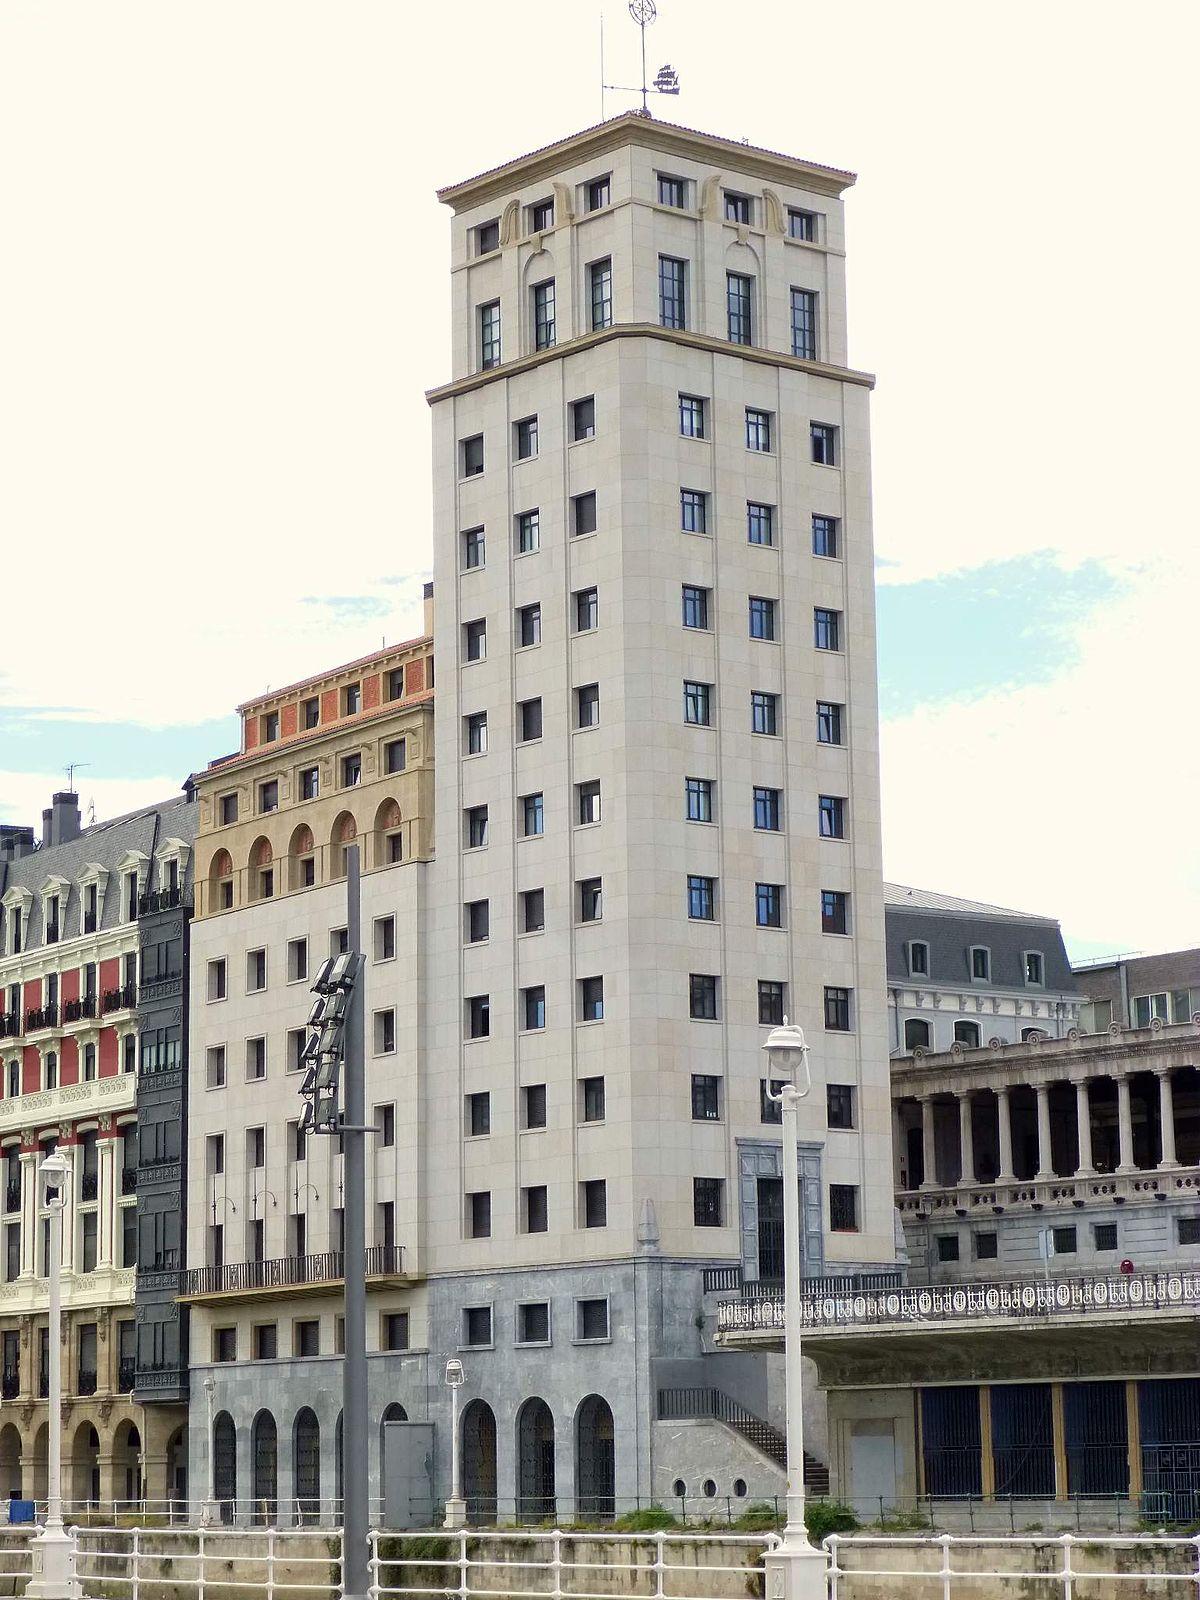 Rascacielos de bail n wikipedia la enciclopedia libre - Arquitectos en bilbao ...